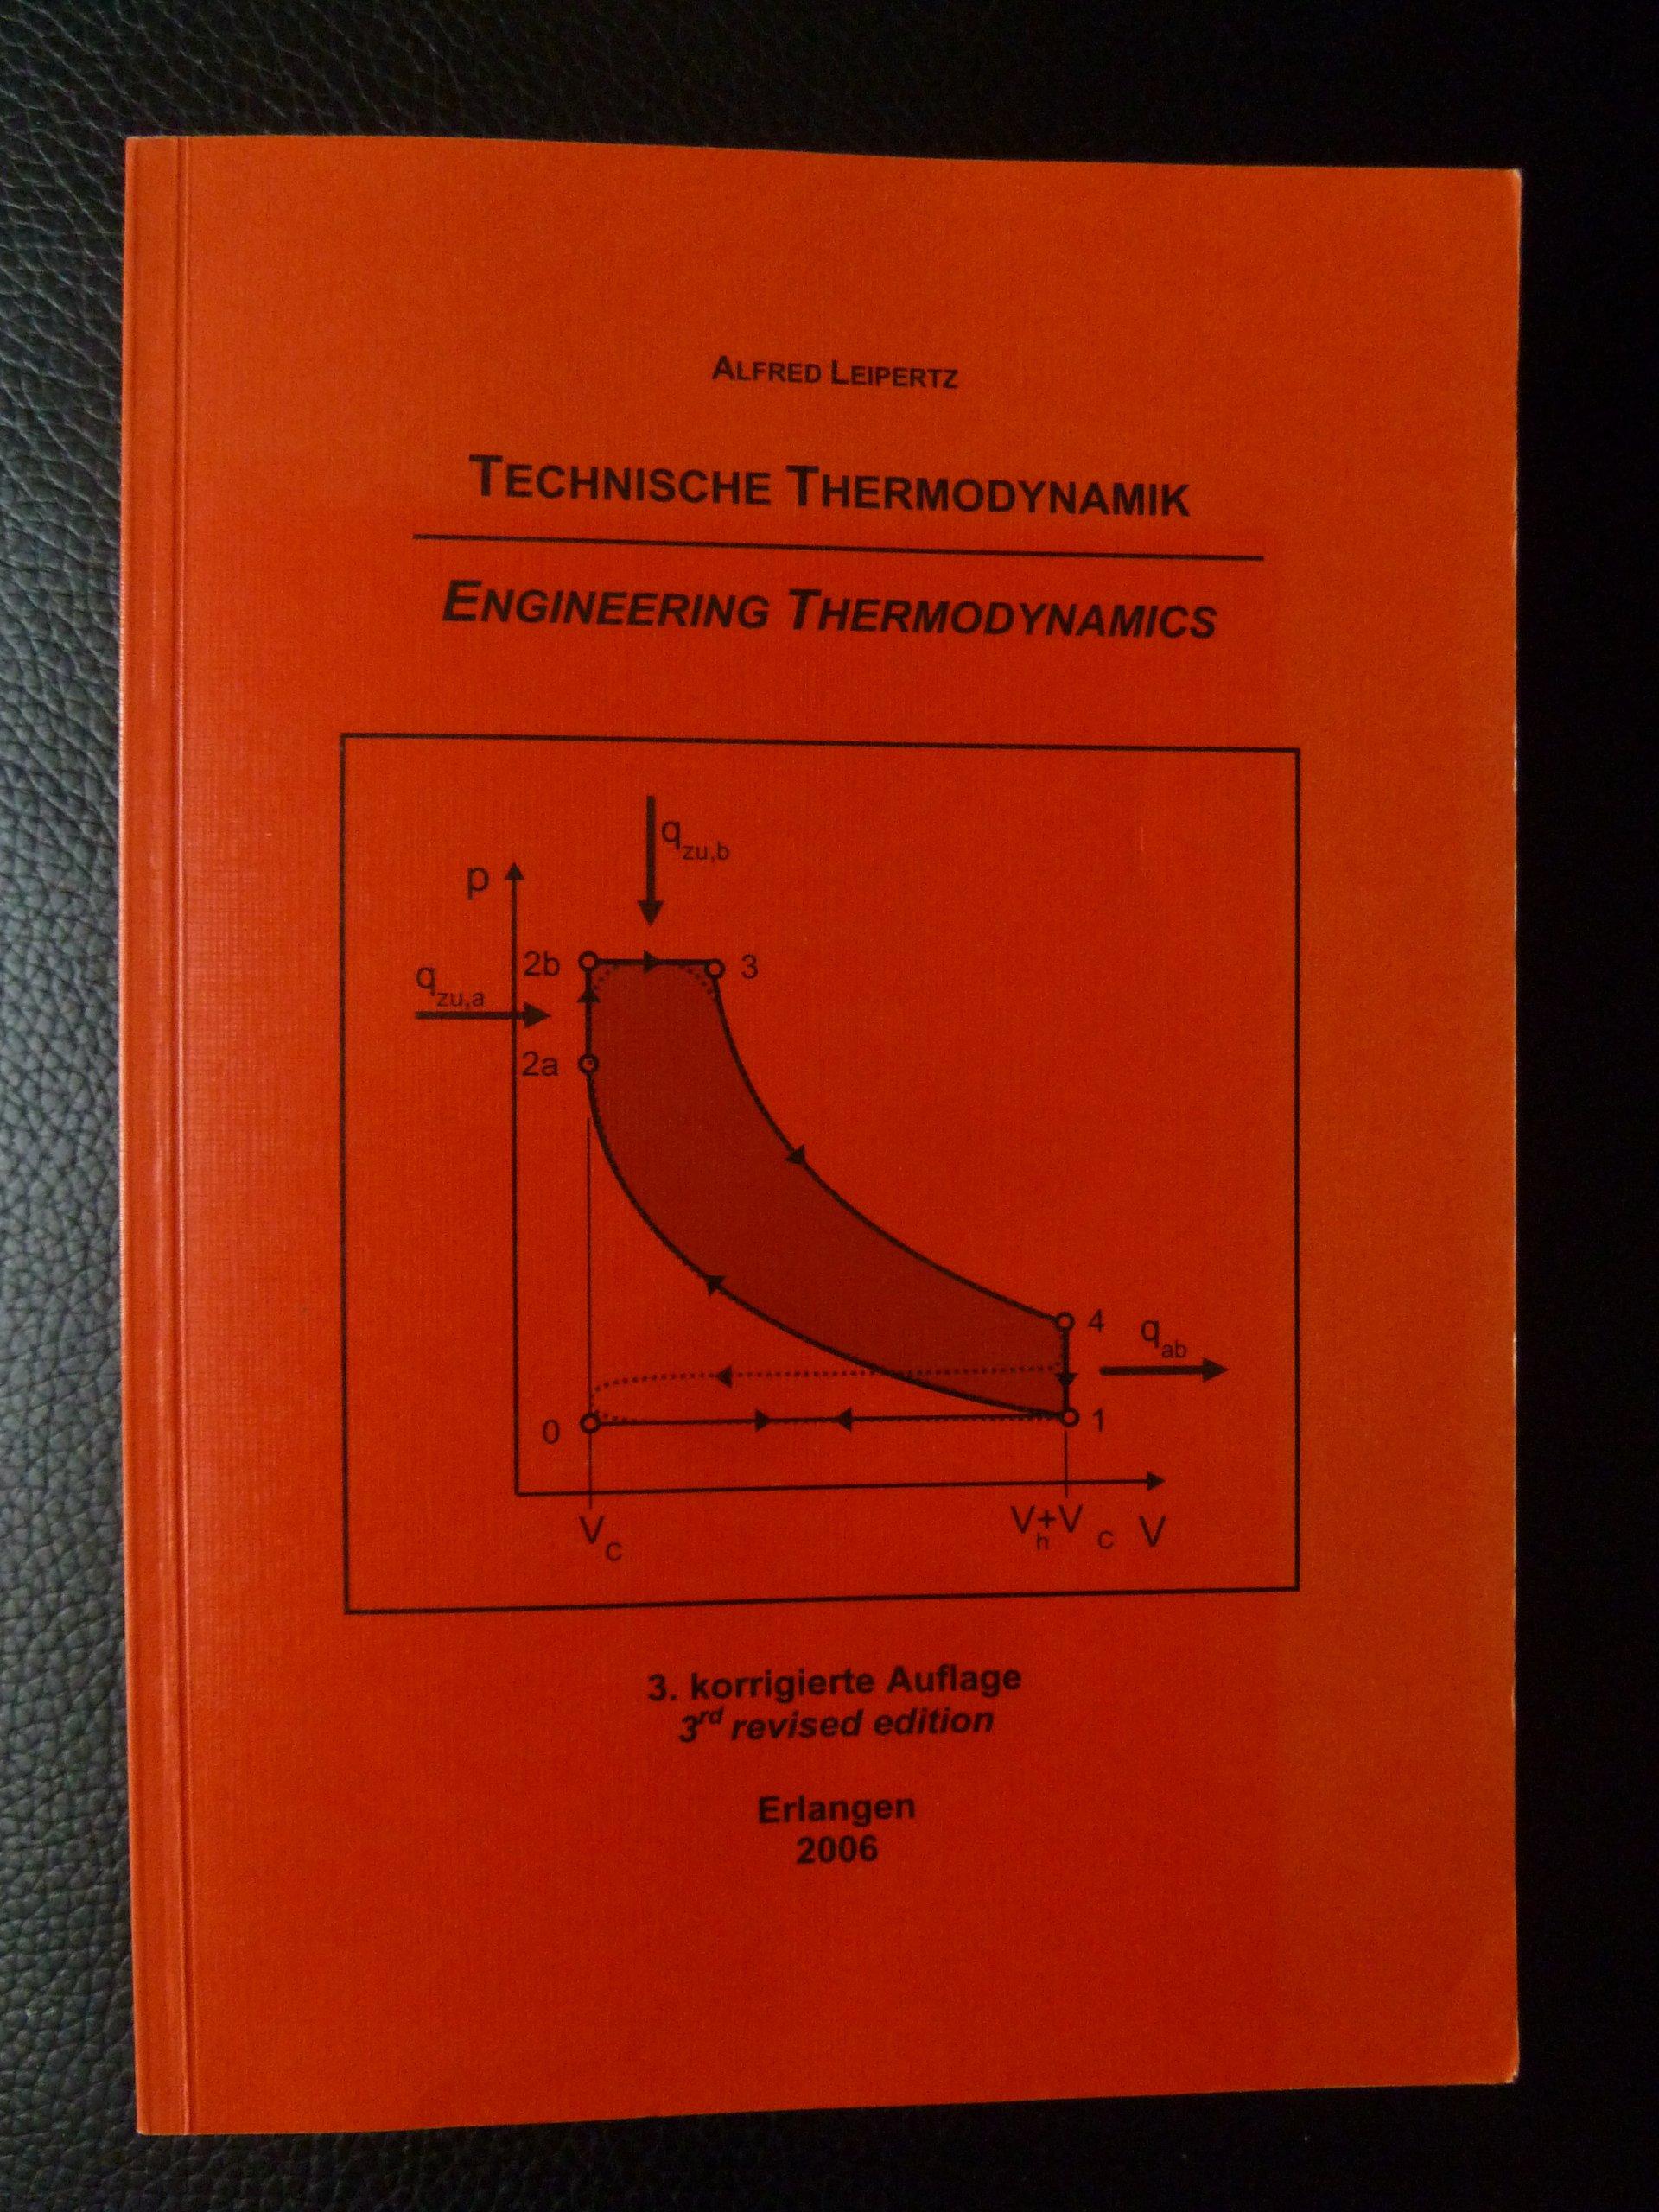 Technische Thermodynamik /Engineering Thermodynamics: Zweisprachiges Lehrbuch für Maschinenbauer Fertigungstechniker Verfahrenstechniker und Chemie- ... and Chemical and Bioengineers. Dt. /Engl.